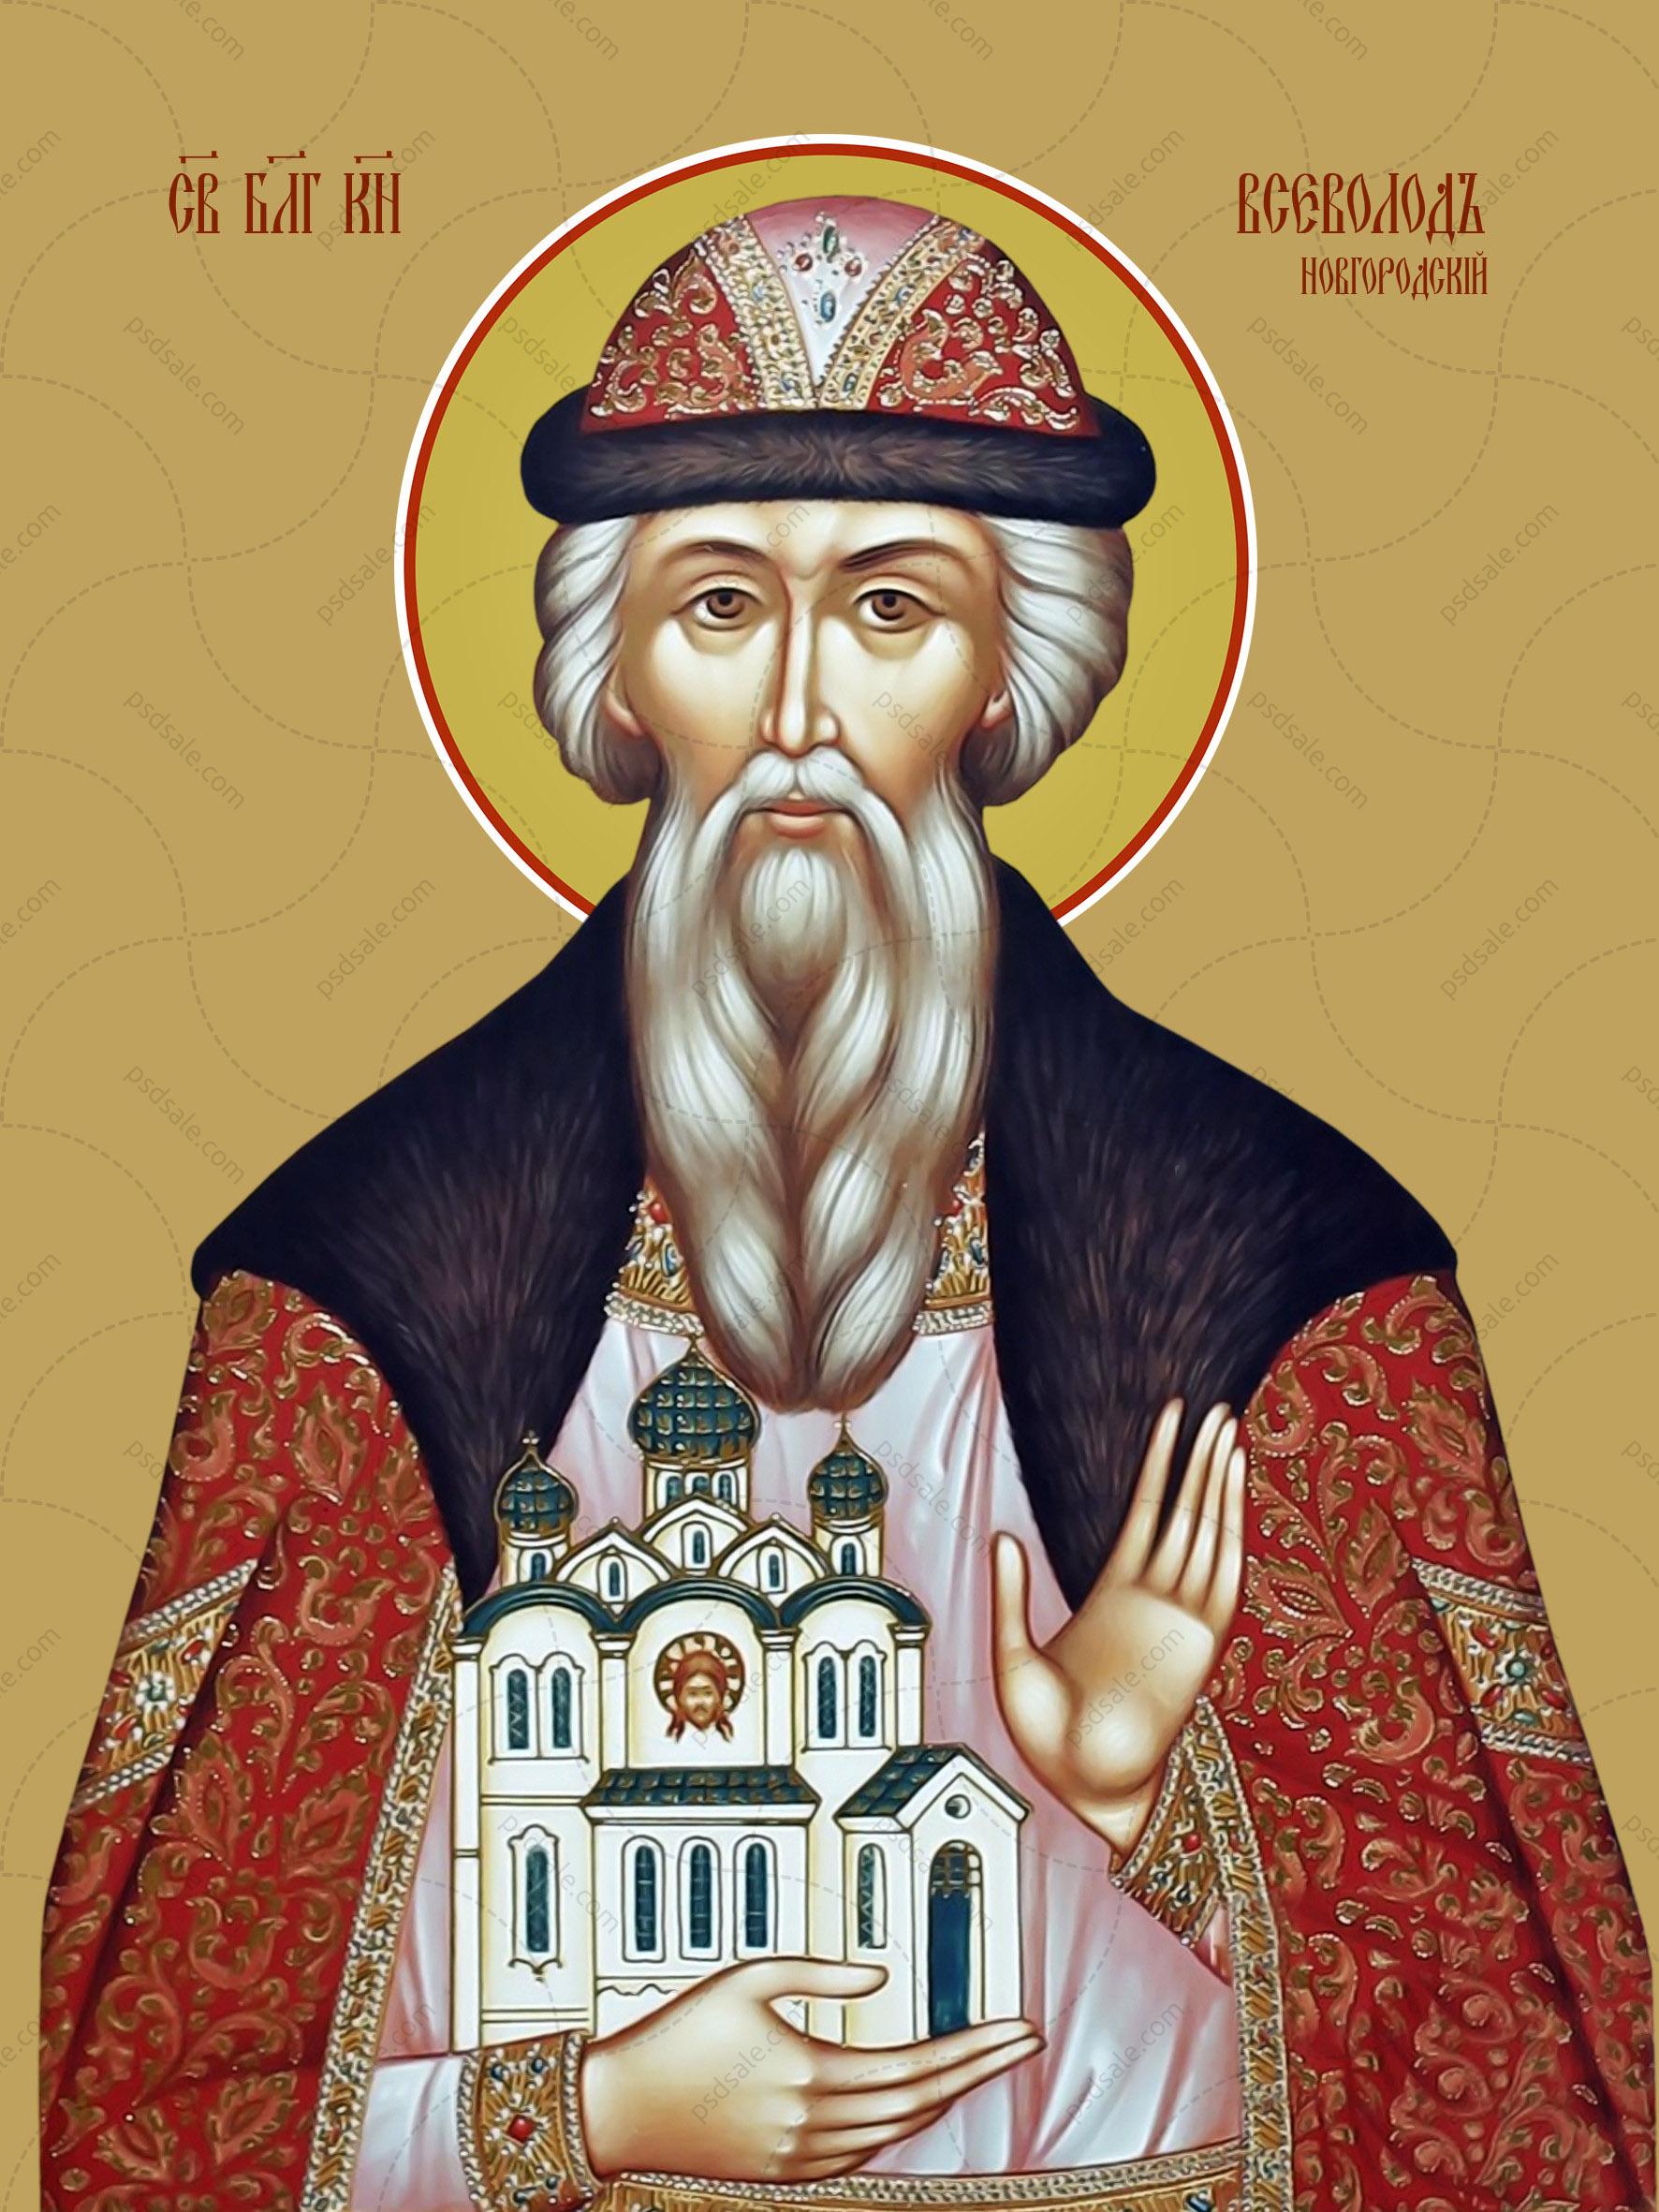 Всеволод Новгородский, святой князь